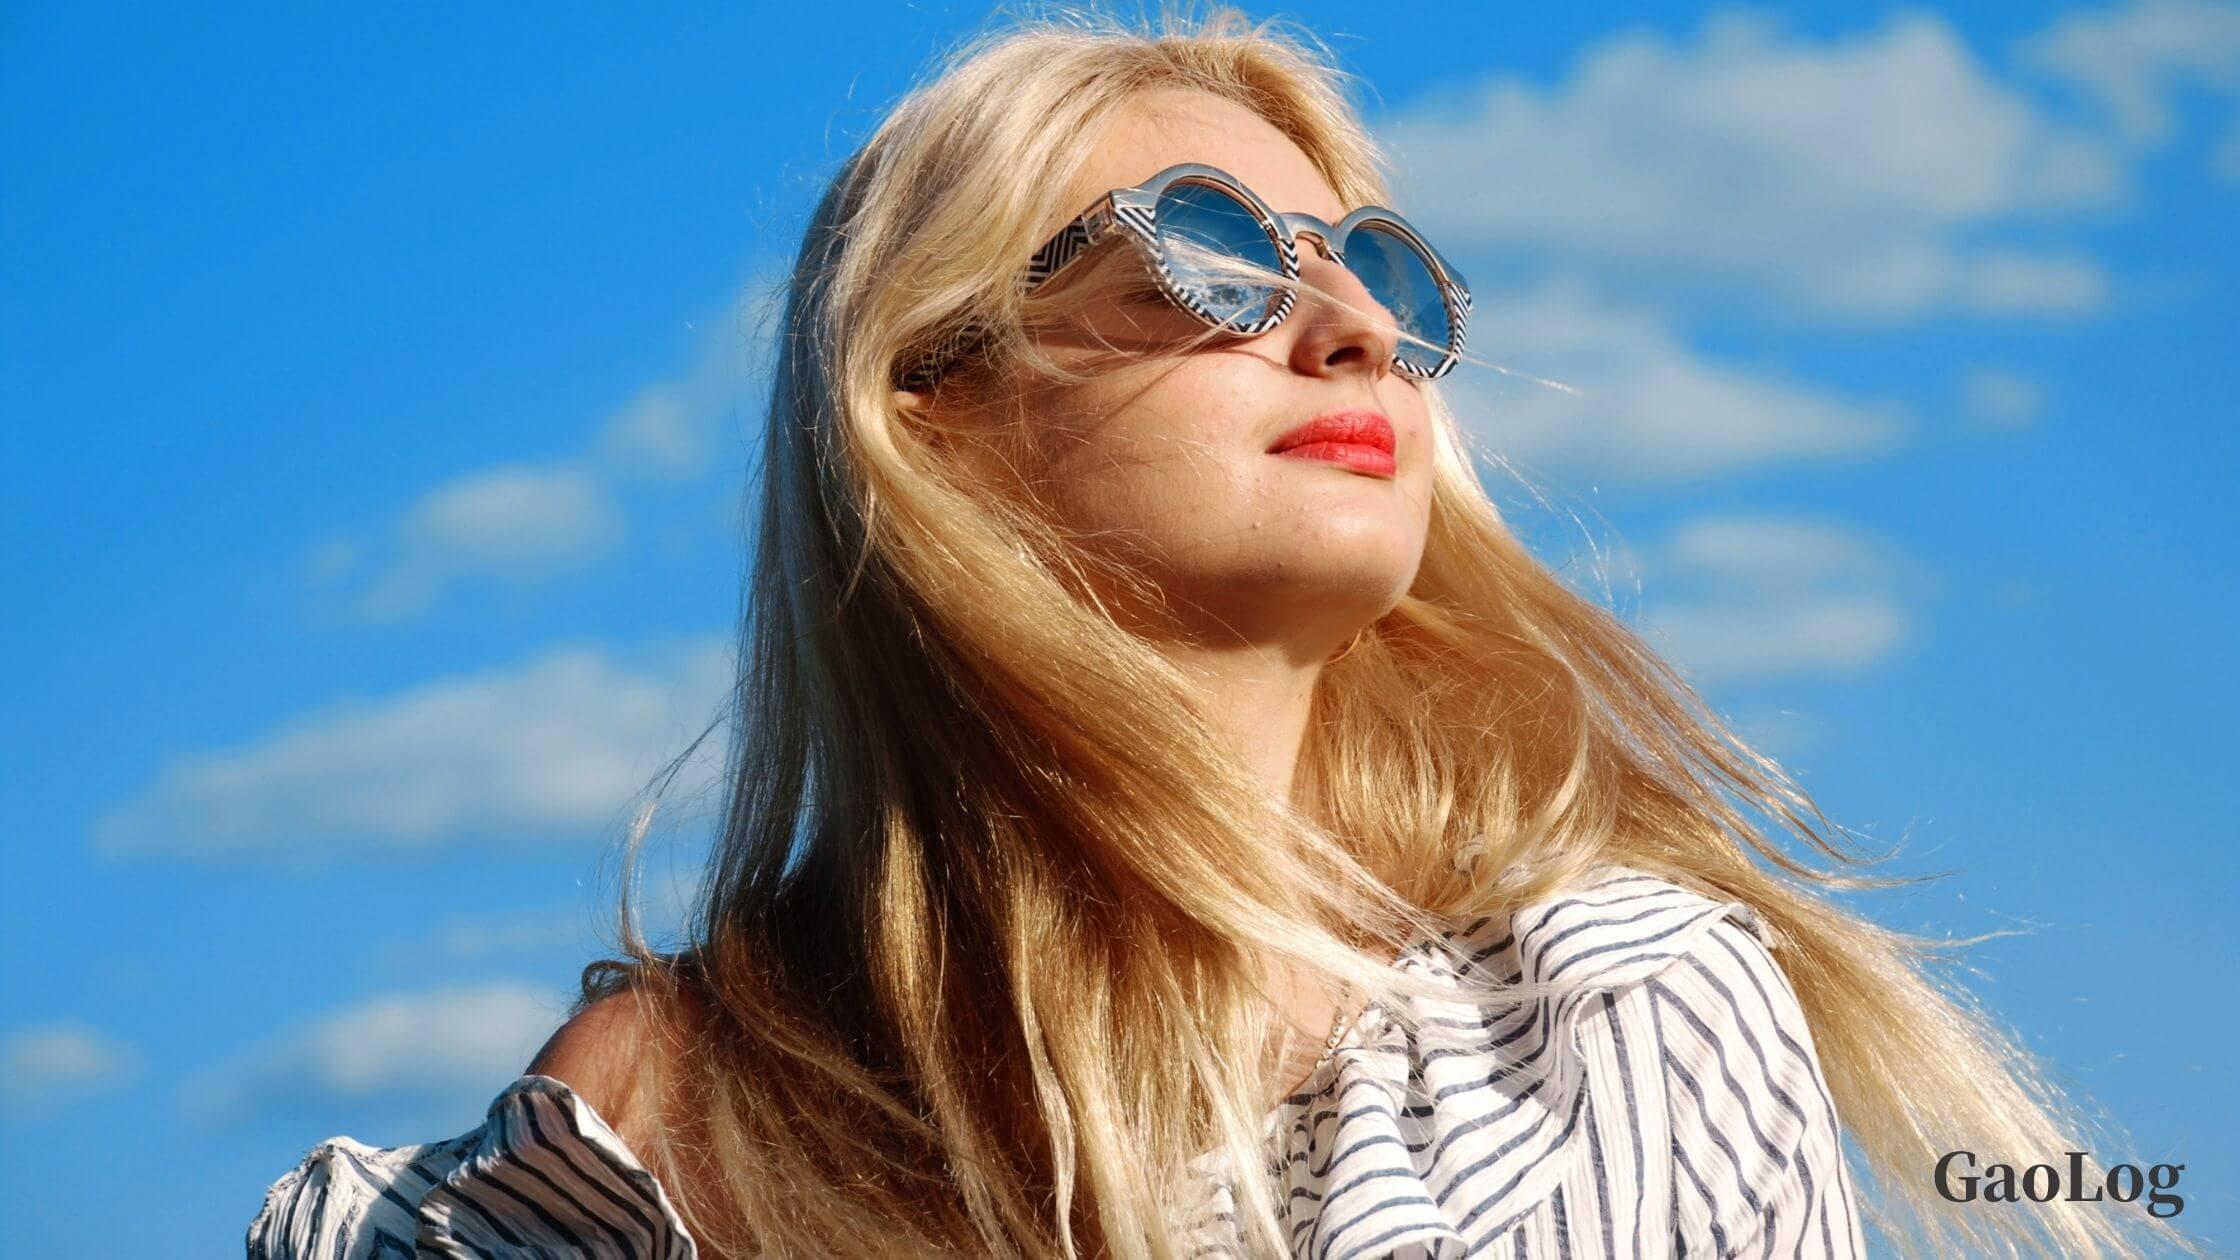 【美女】オンライン英会話はセルビア人講師がおすすめという話